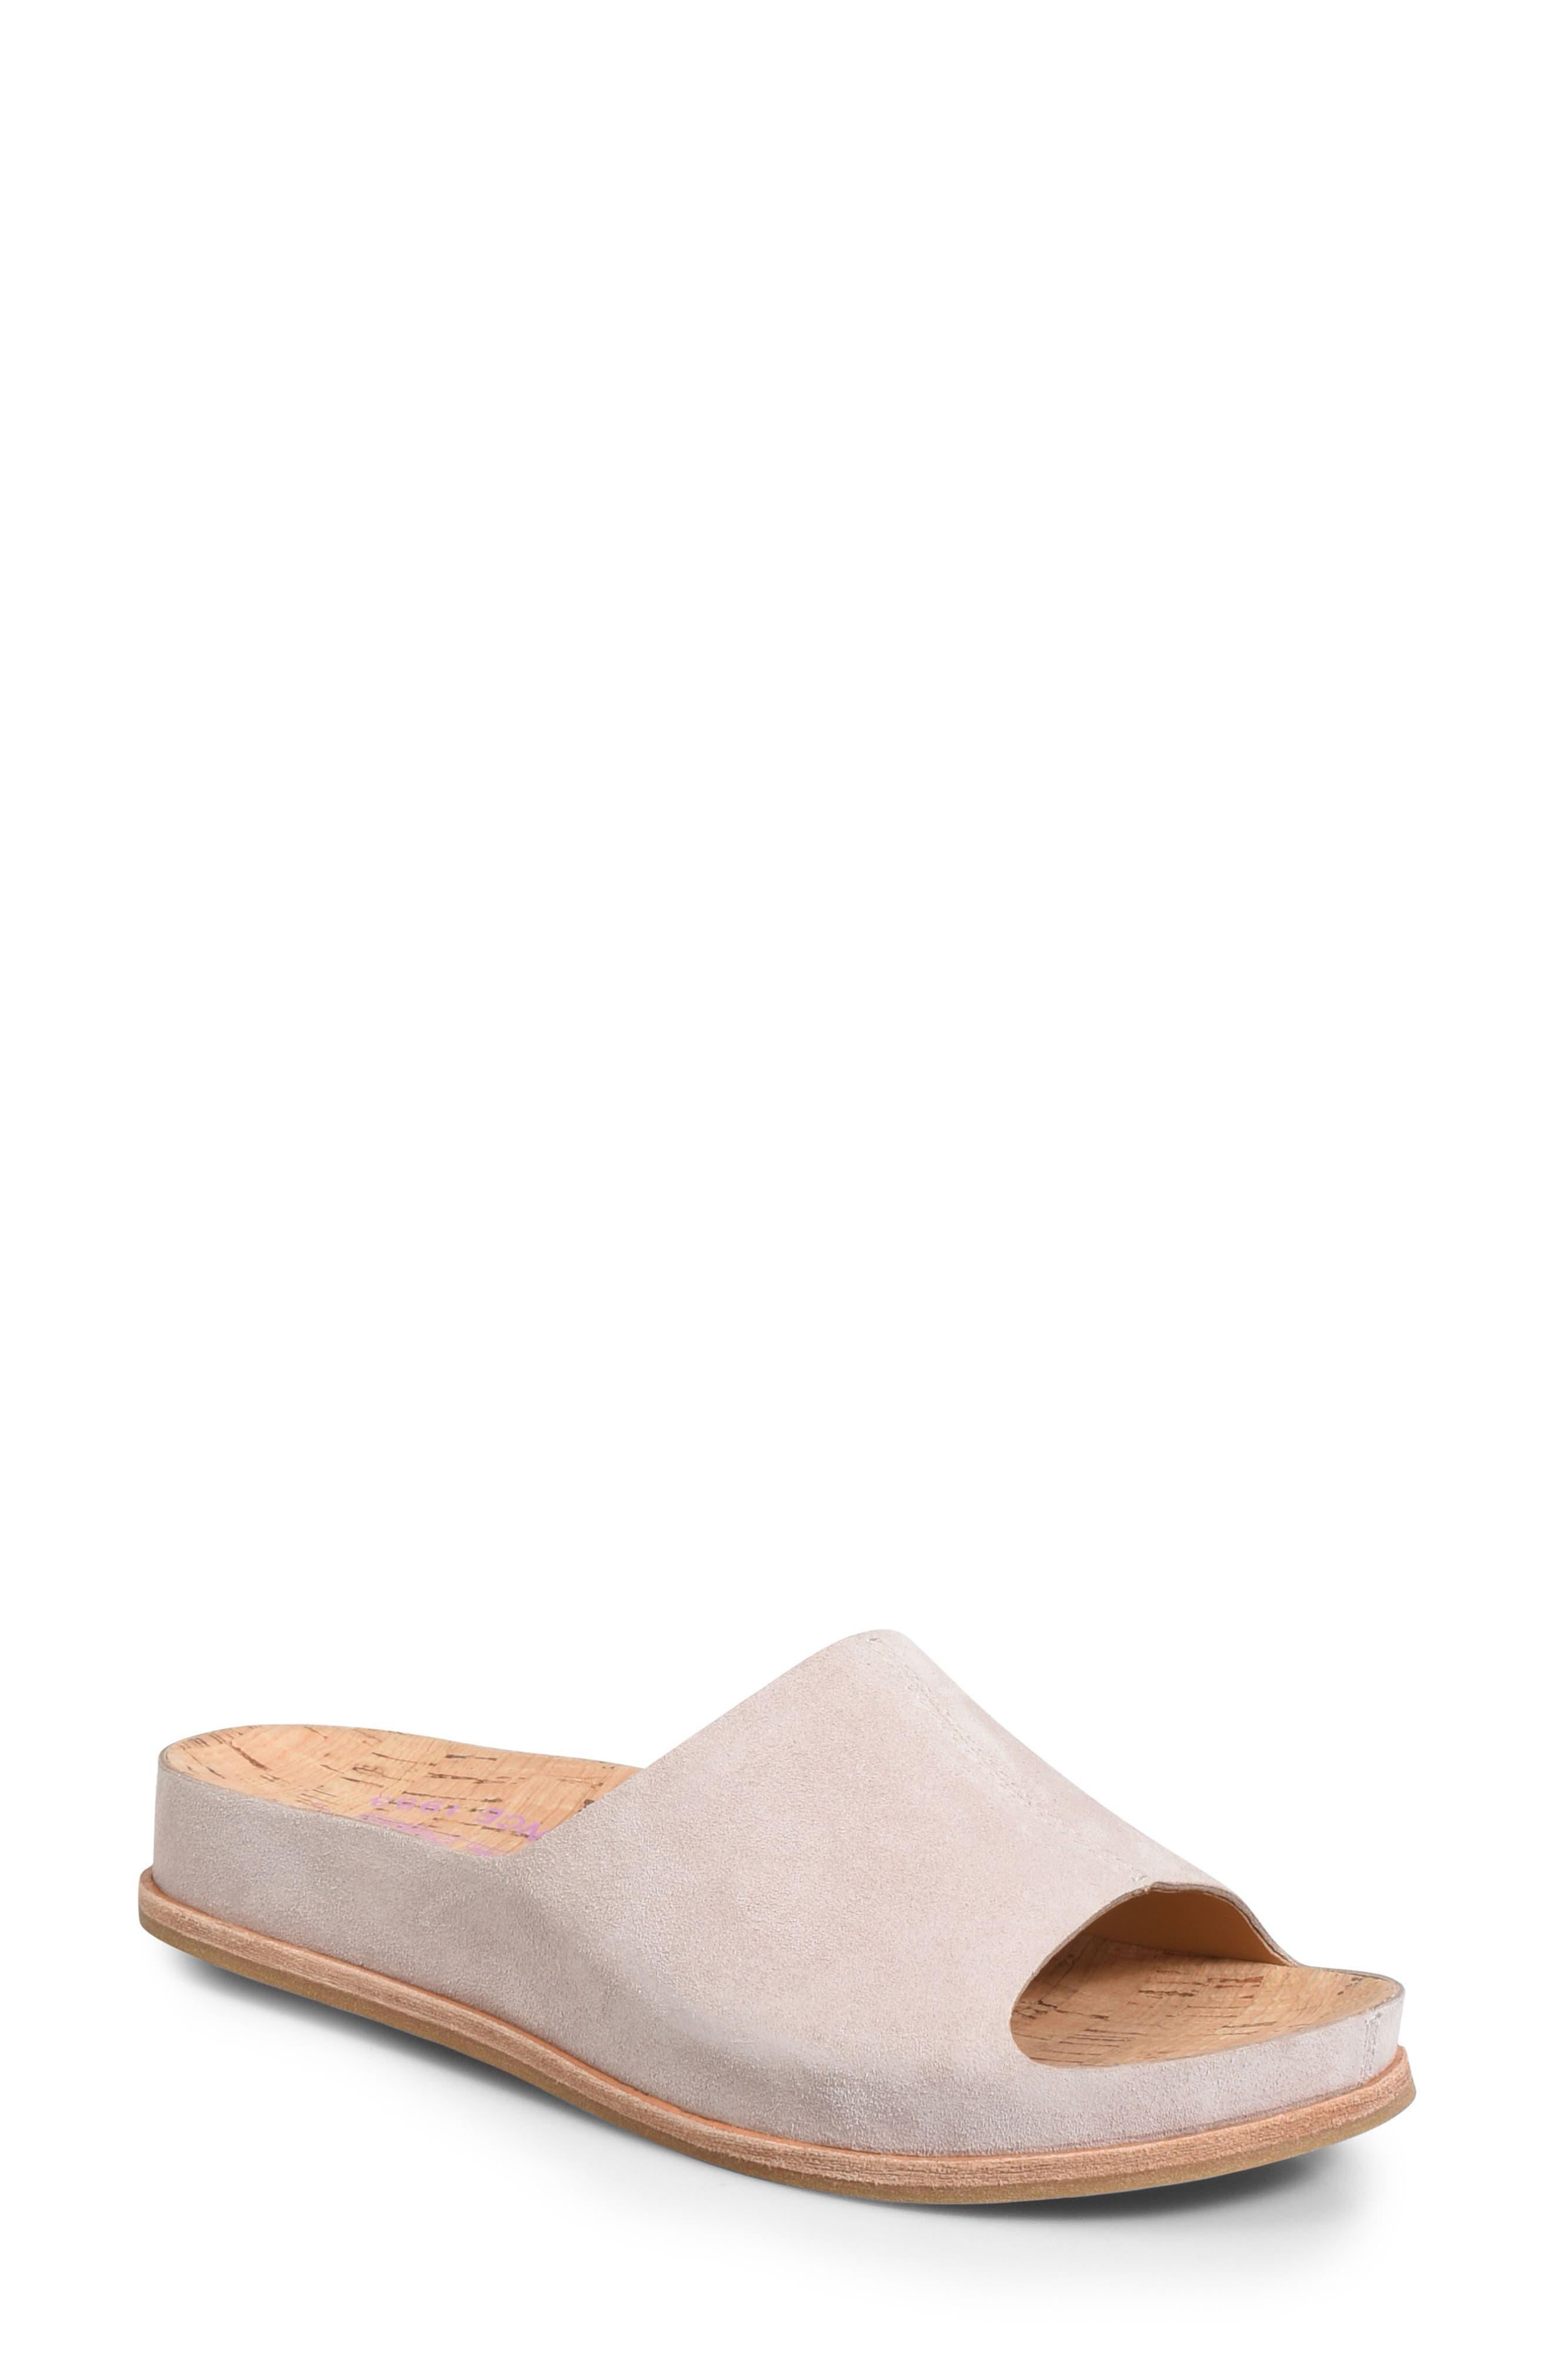 Alternate Image 1 Selected - Kork-Ease® 'Tutsi' Slide Sandal (Women)